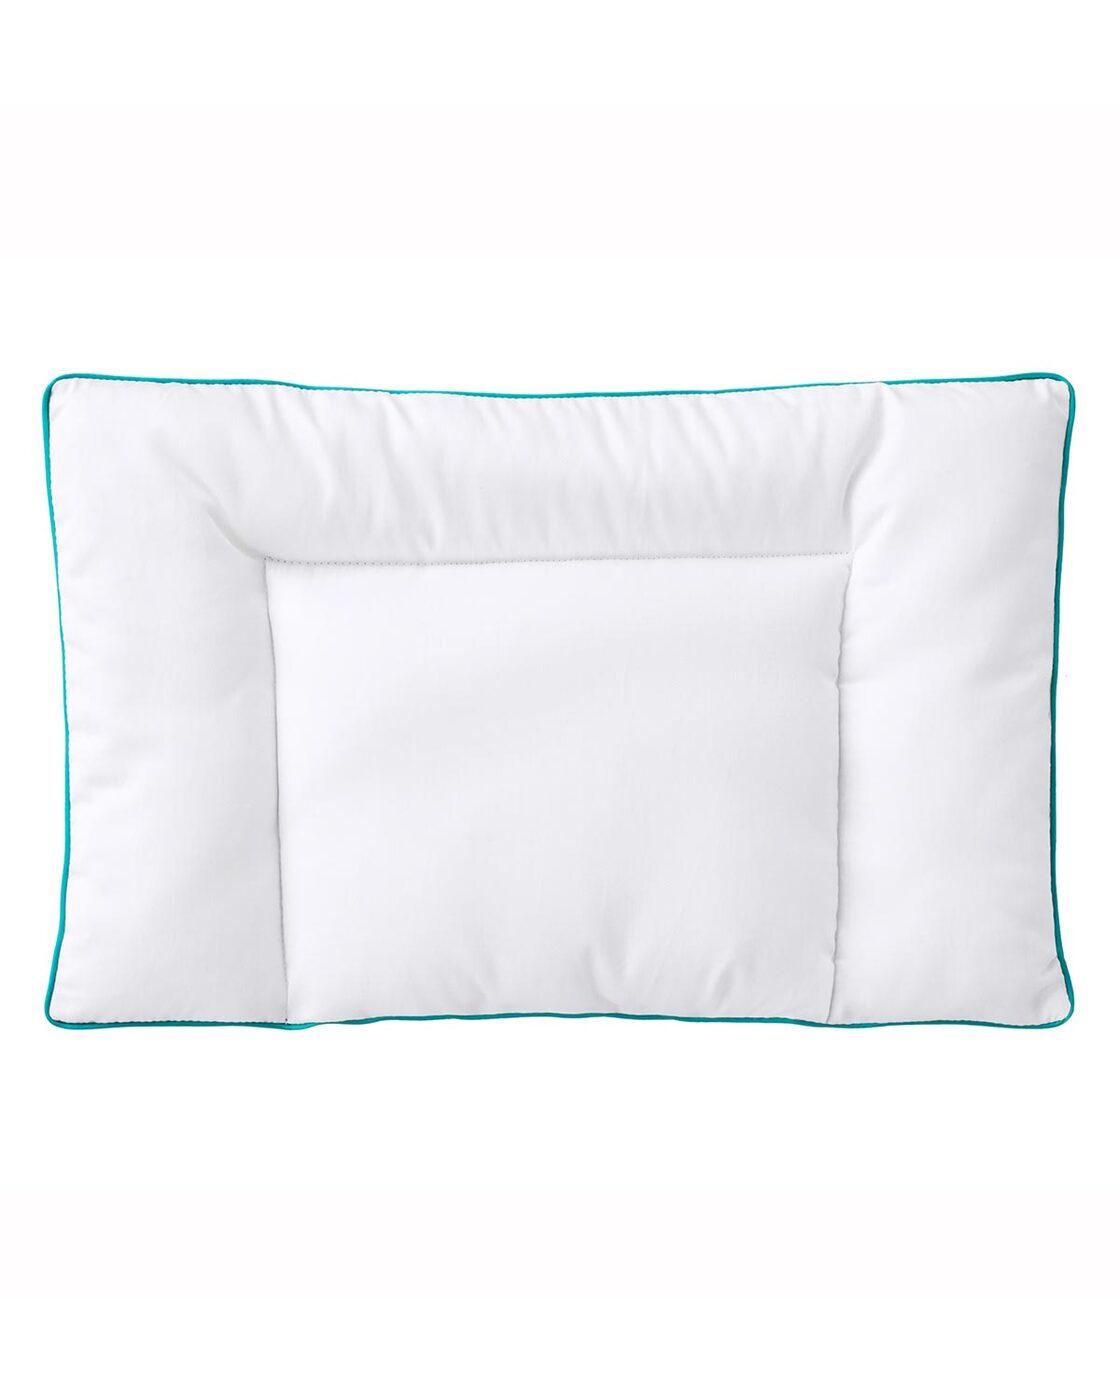 Детская подушка Облачко Лебяжий пух, 35x55